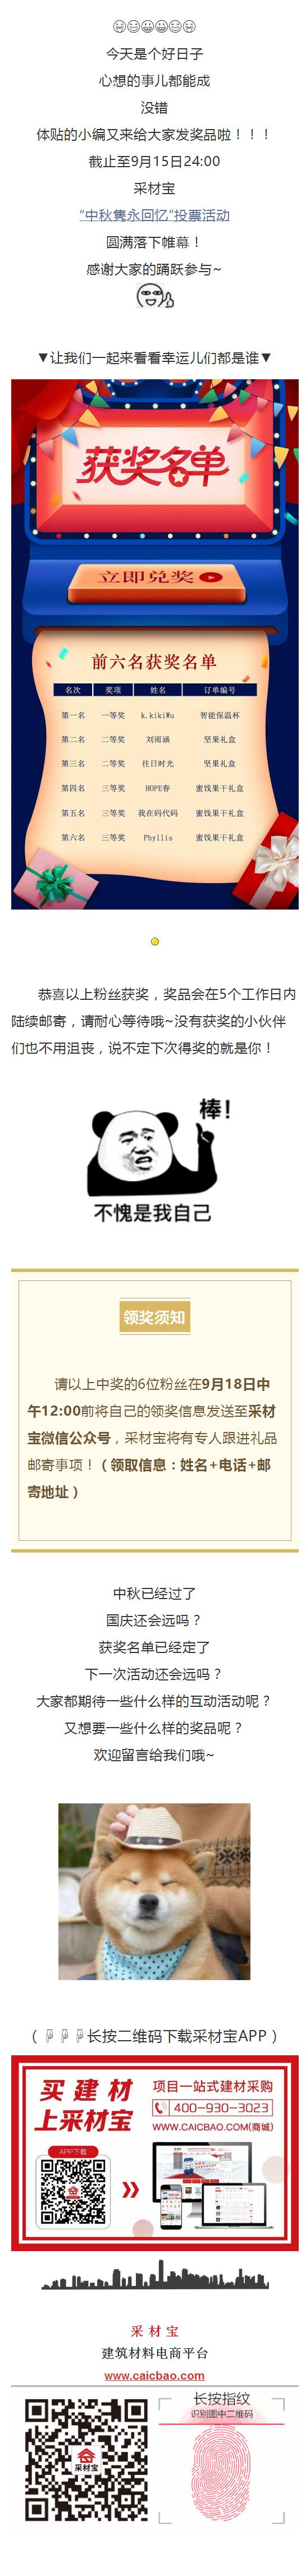 获奖1_看图王.png